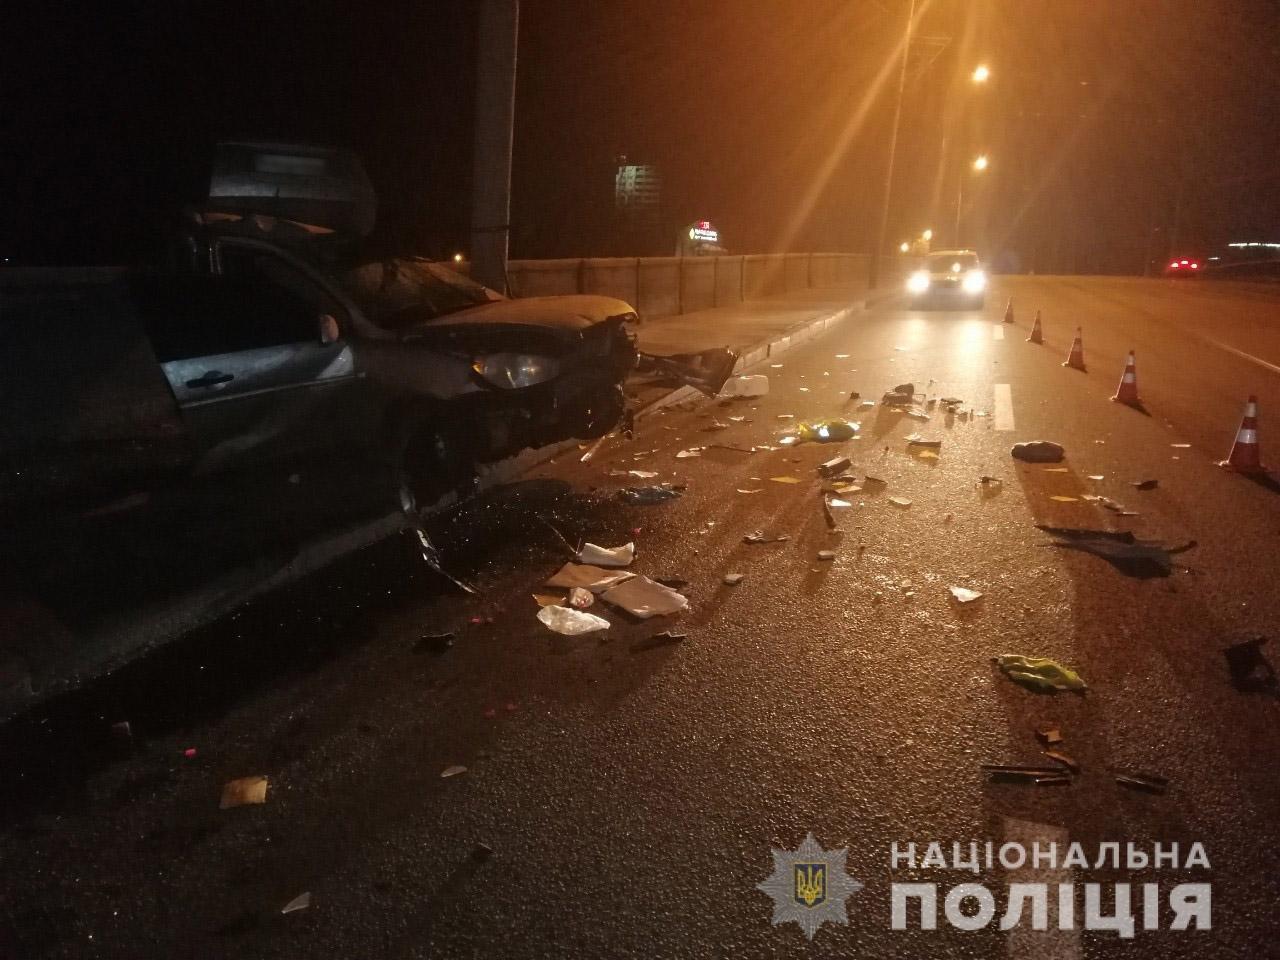 В Харькове «Hyundai» влетел в столб: спасатели вырезали травмированного водителя из «смятого» авто, - ФОТО, фото-4